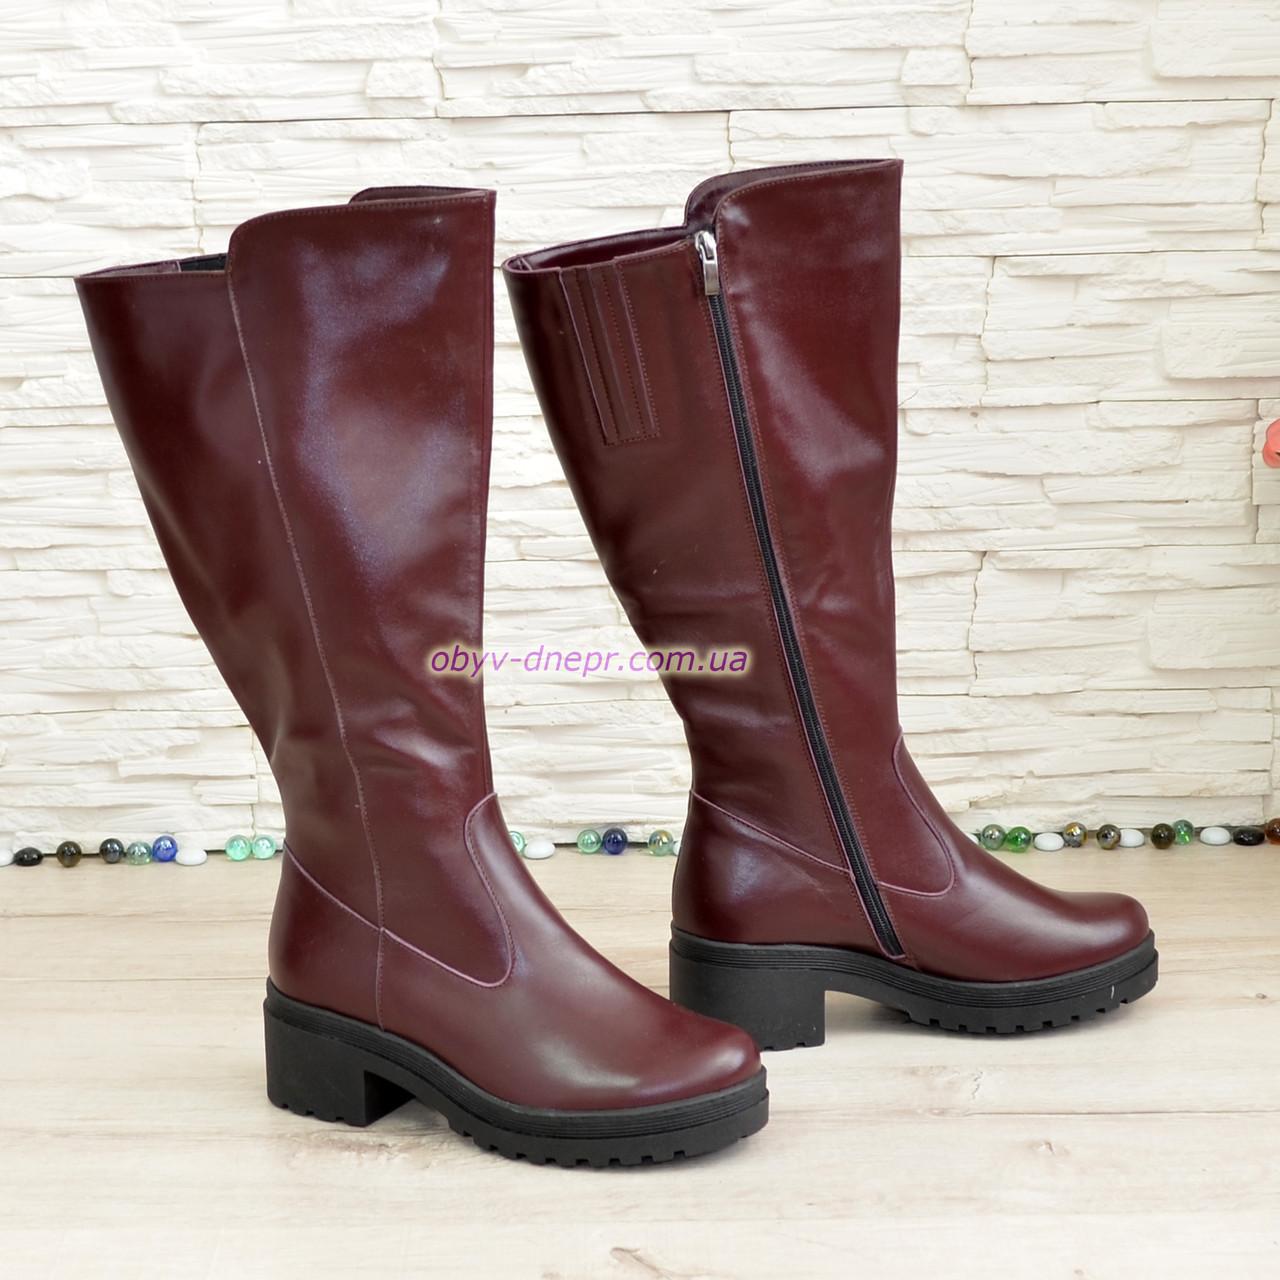 Сапоги женские кожаные зимние на невысоком устойчивом каблуке, цвет бордо